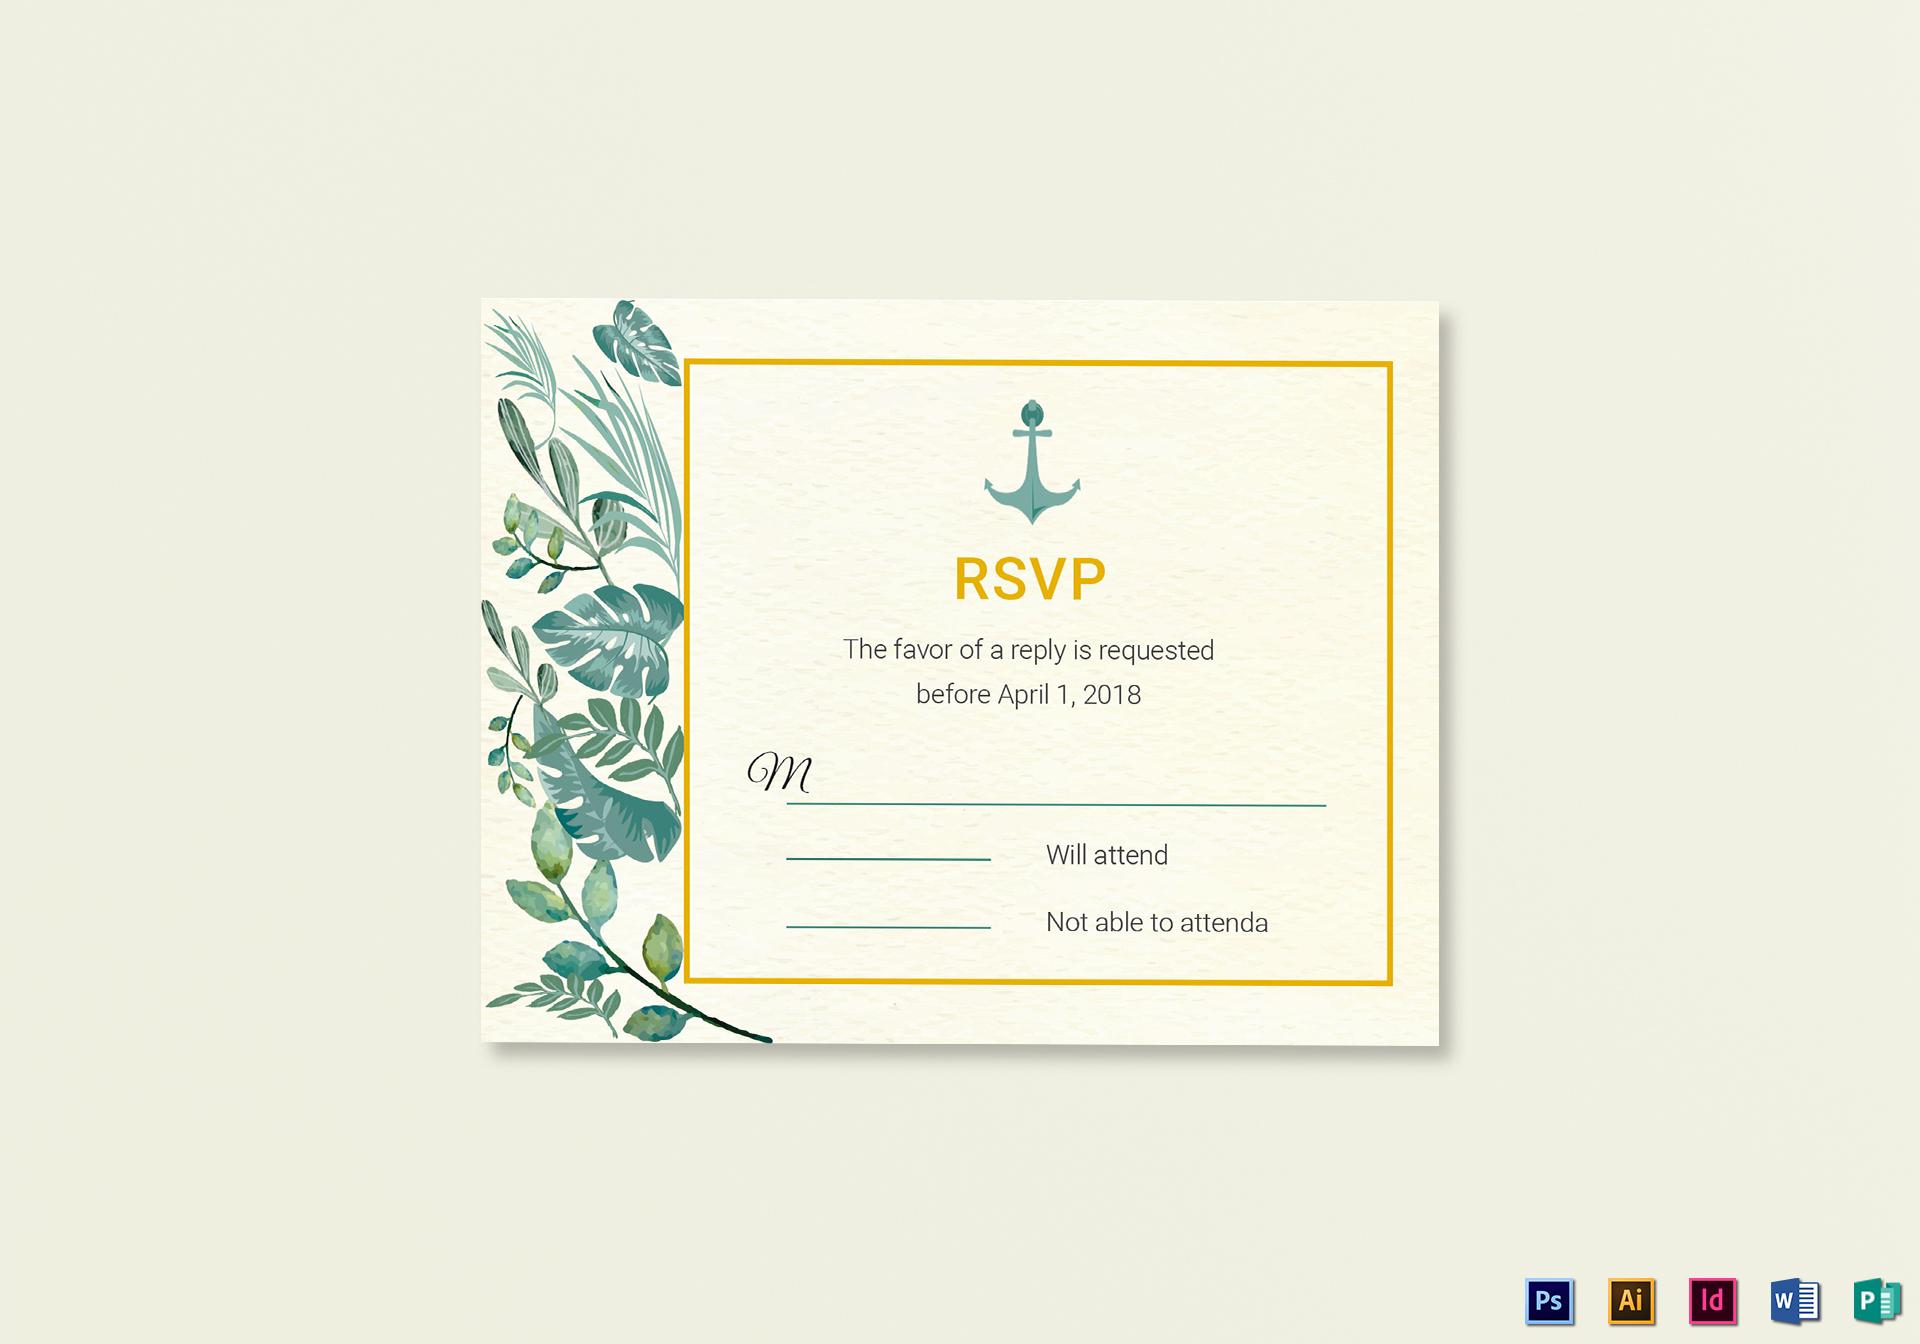 Cool Publisher Wedding Rsvp Cards Wording Wedding Rsvp Cards How To Respond Nautical Wedding Rsvp Card Template Nautical Wedding Rsvp Card Template nice food Wedding Rsvp Cards